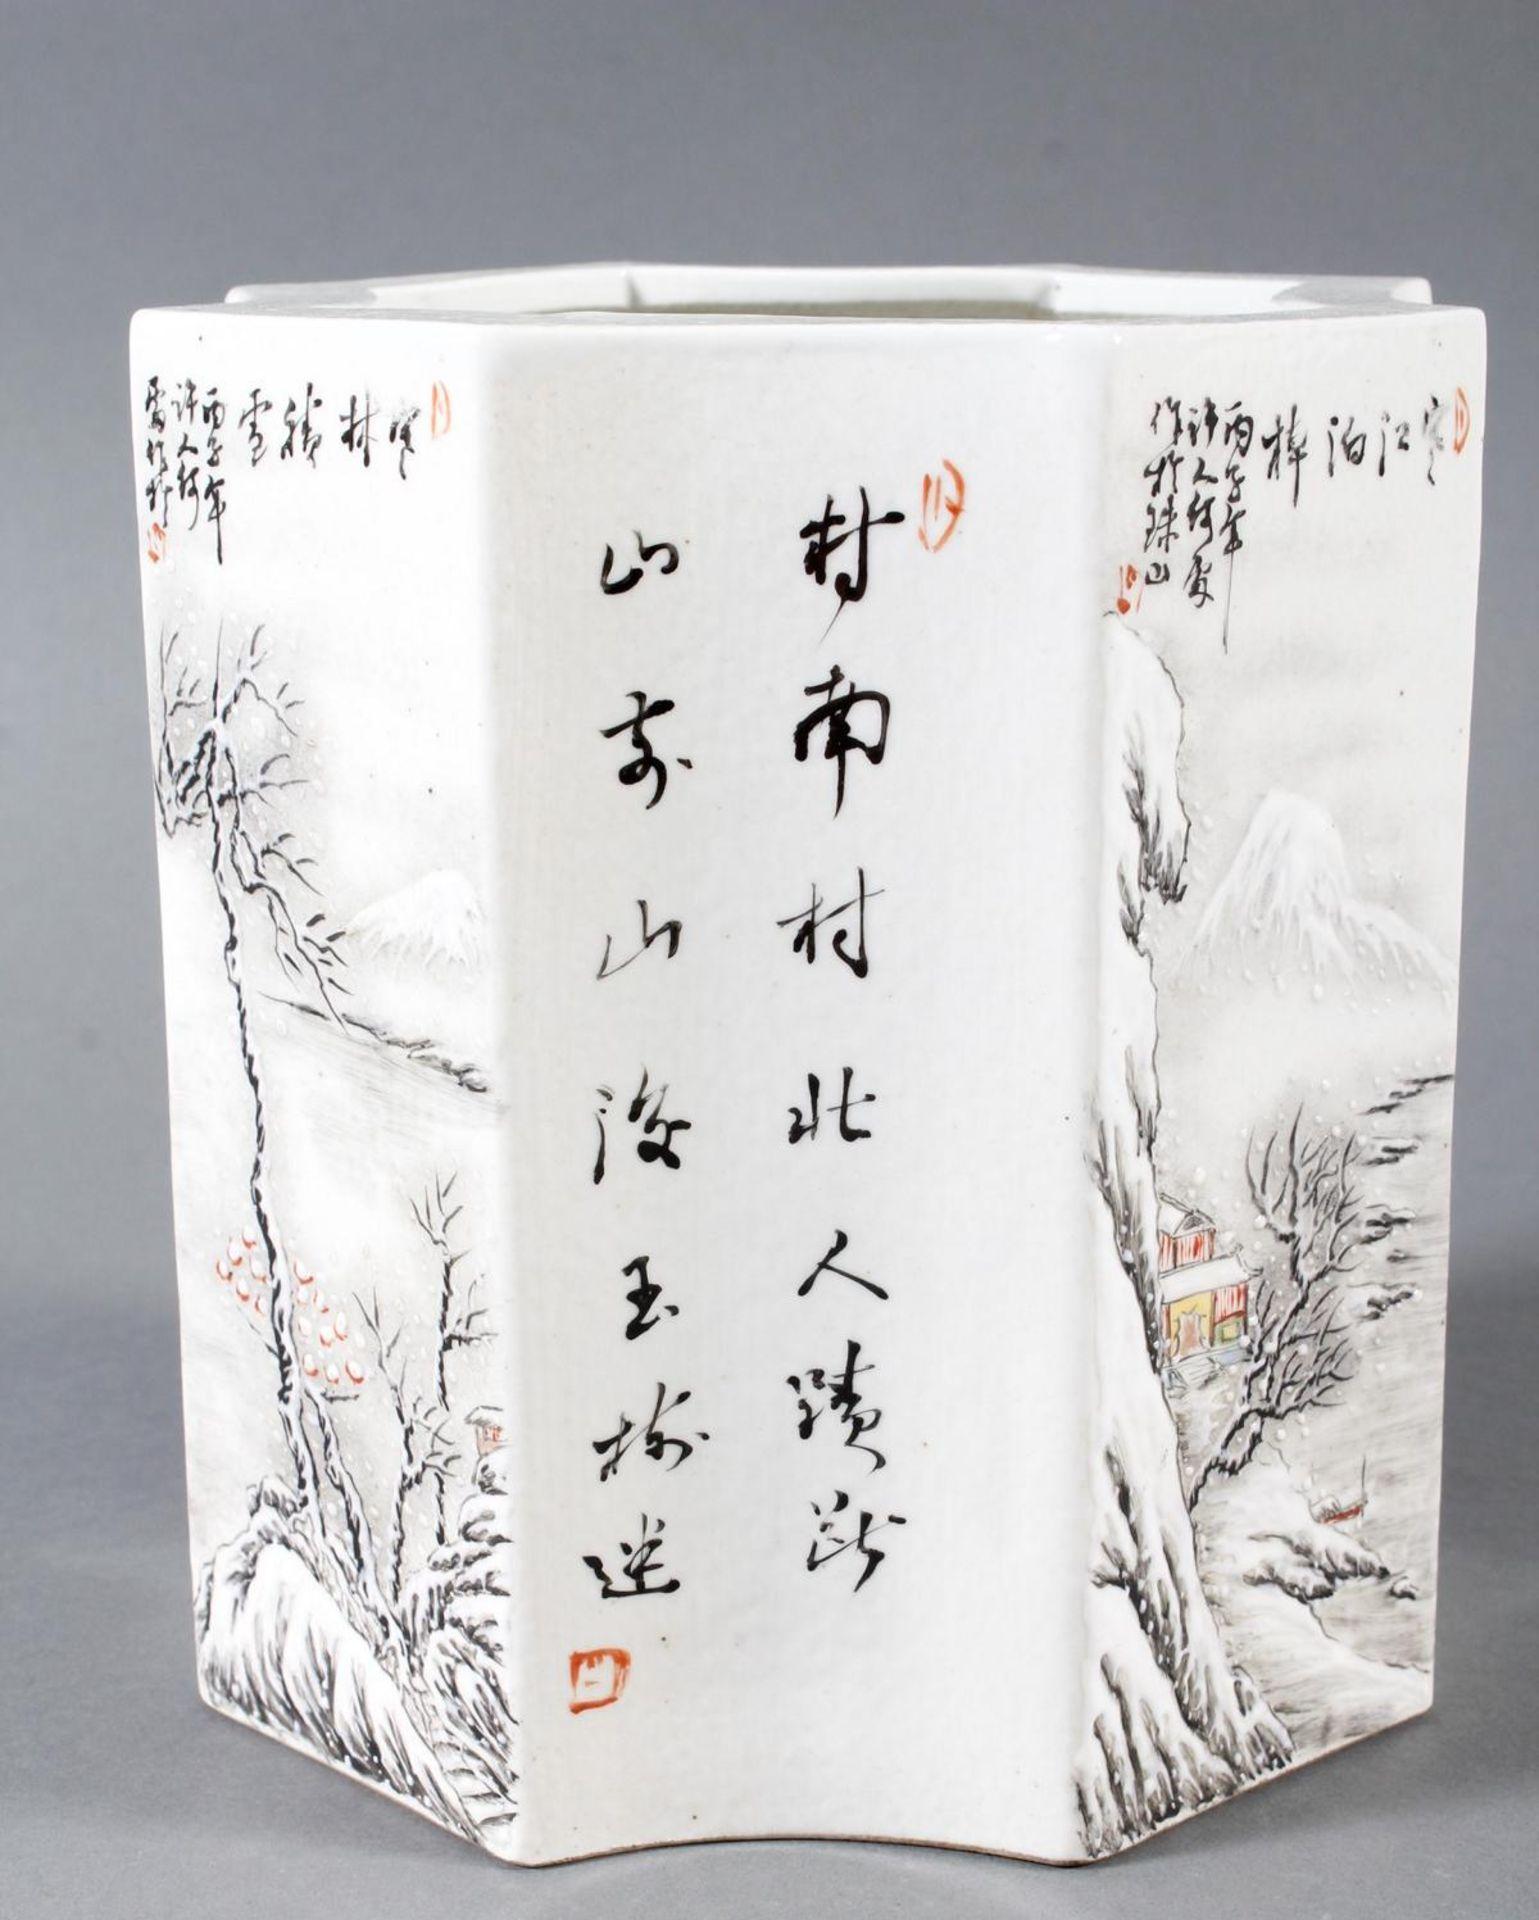 Porzellan-Pinselbehälter, China, Mitte 20. Jahrhundert - Bild 3 aus 15